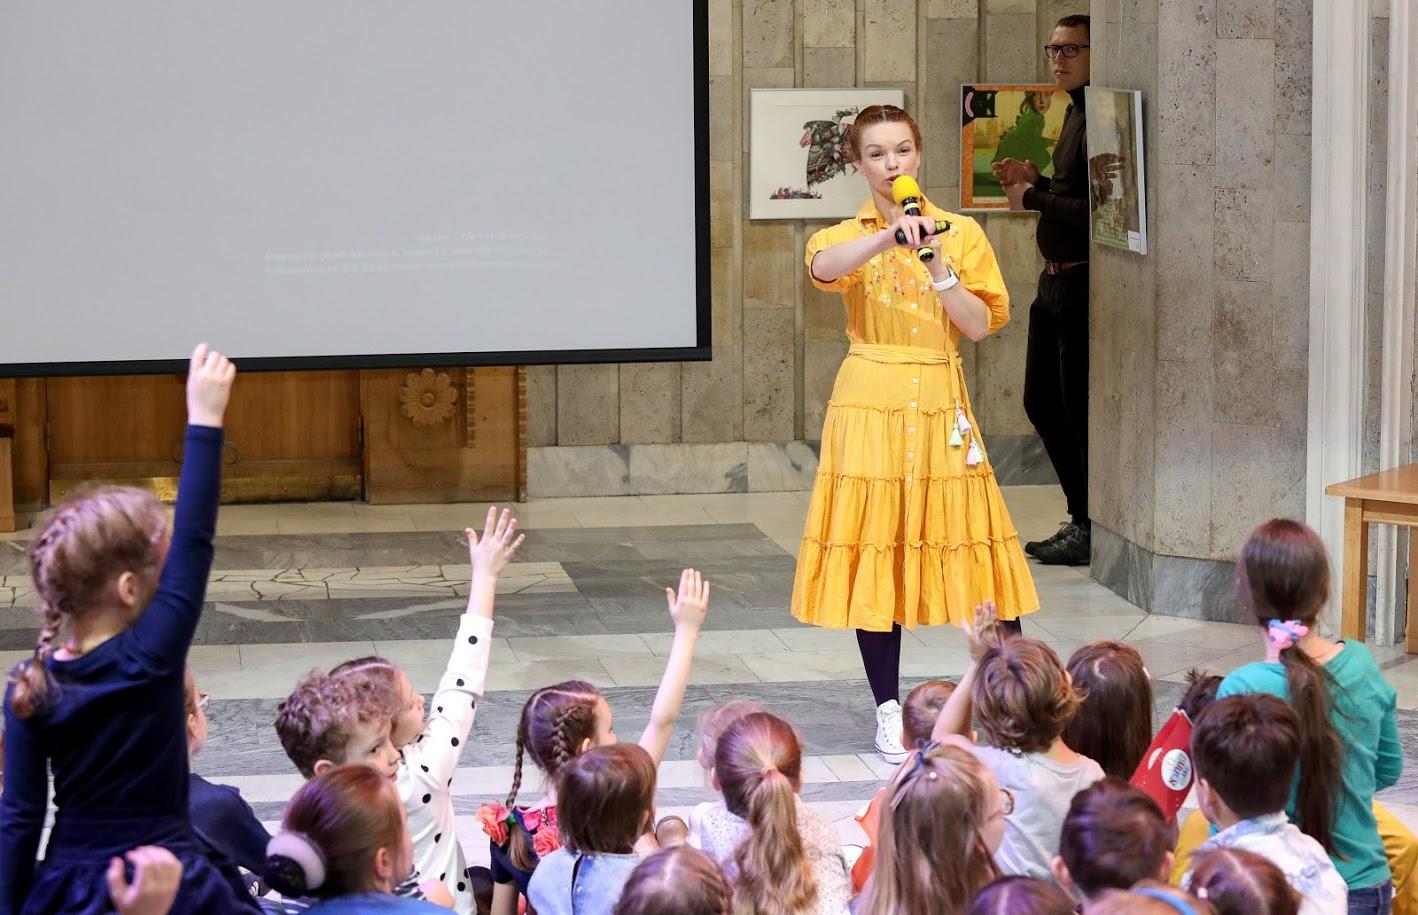 """События """" Библионочи """" в Российской государственной детской библиотеке посетили 2500 человек"""